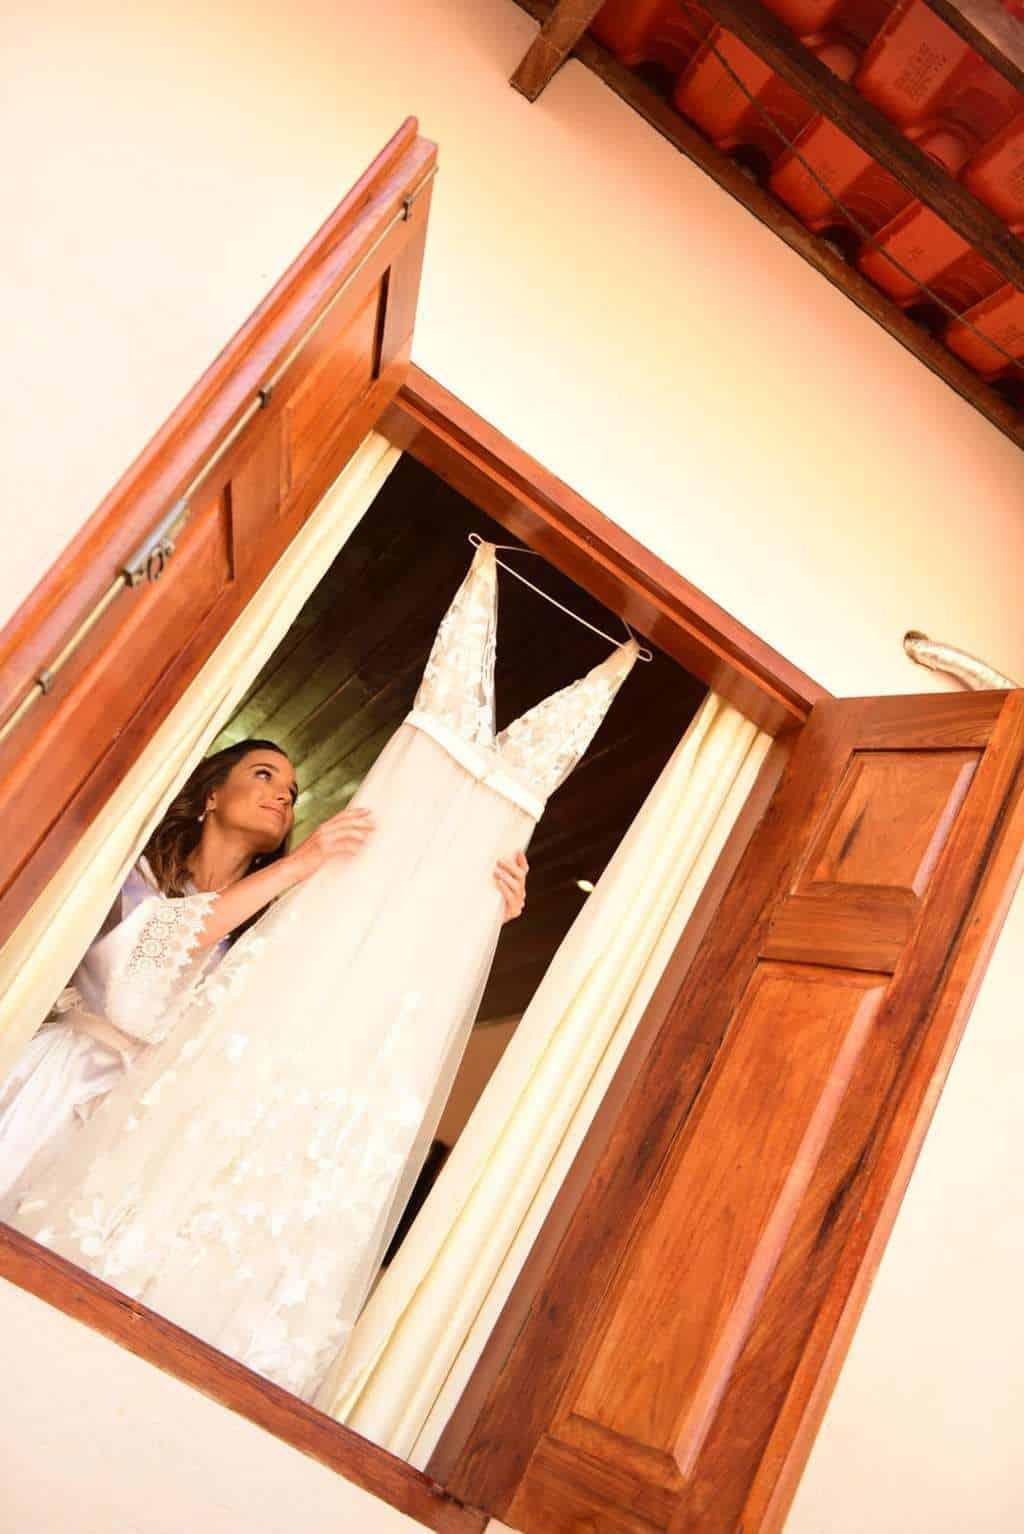 casamento-boho-Casamento-Nicolle-e-Pedro-casamento-rosa-Estalagem-Alter-Real-Fotografia-Estudio-Maria-Celia-Siqueira-Fotografia-Rosana-Sales-Goiania-52